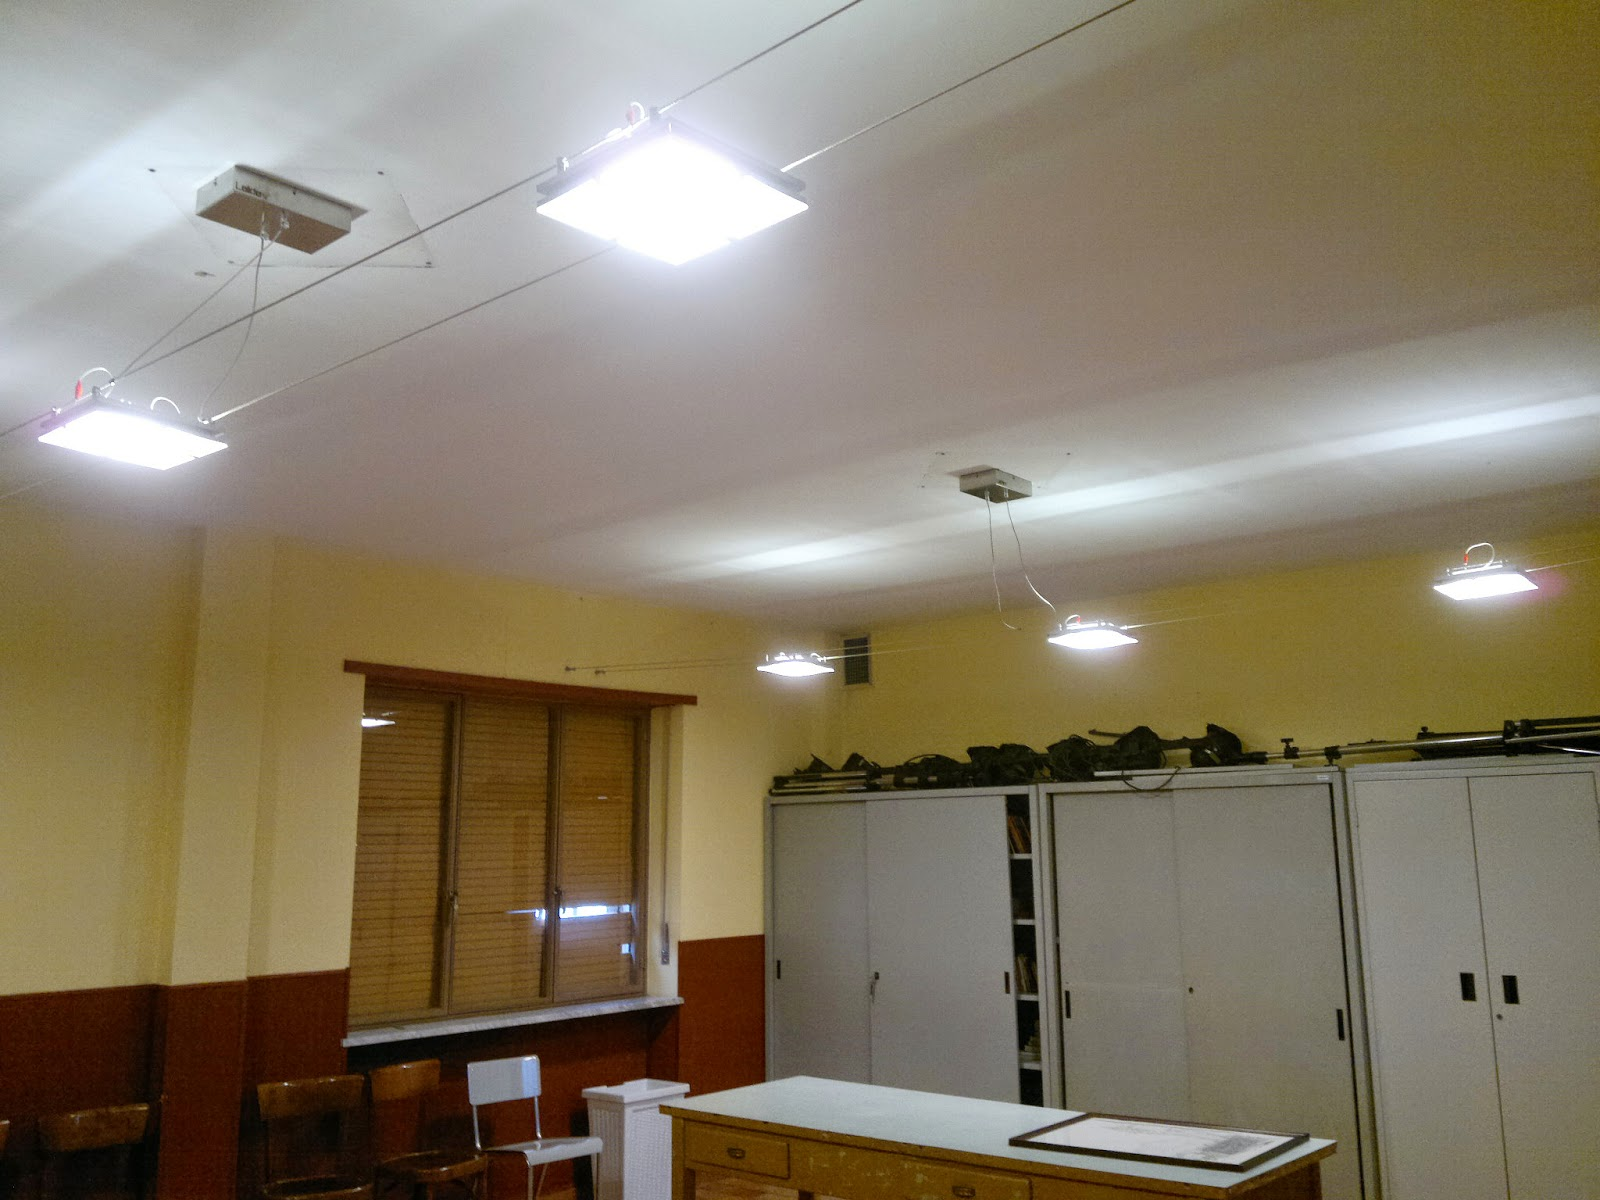 Illuminazione led casa oratorio della parocchia s desiderio a fiano progetto illuminotecnico - Illuminazione led casa ...